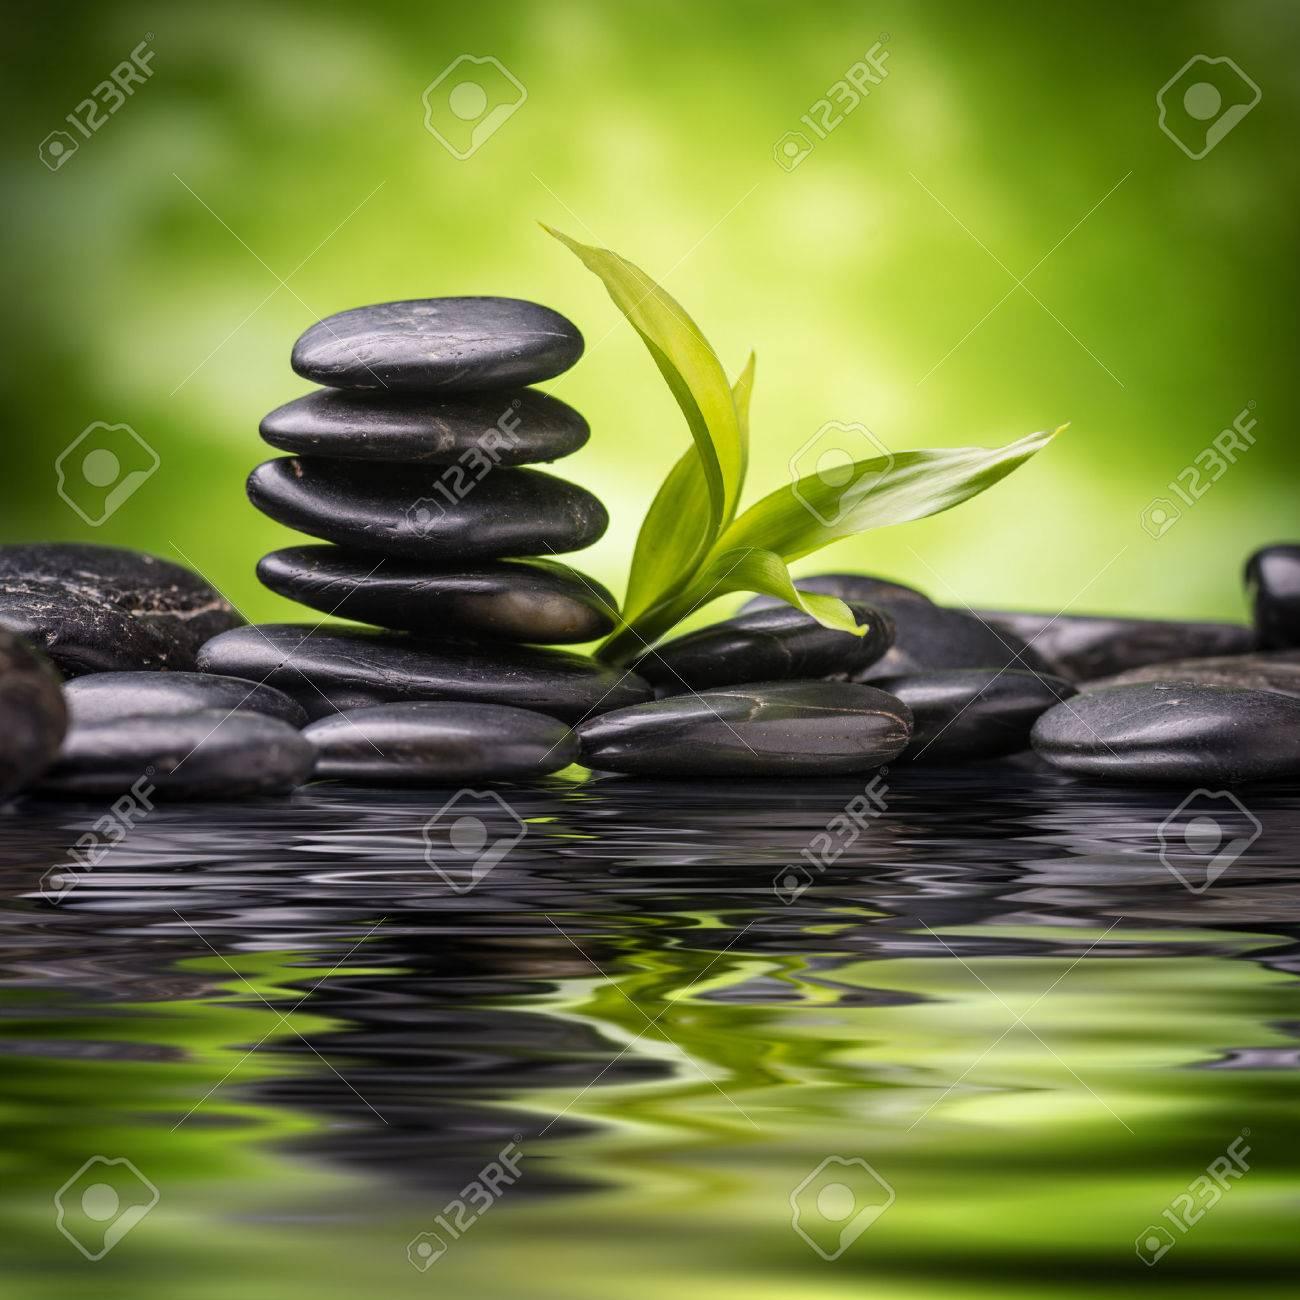 zen basalt stones and bamboo - 48546414